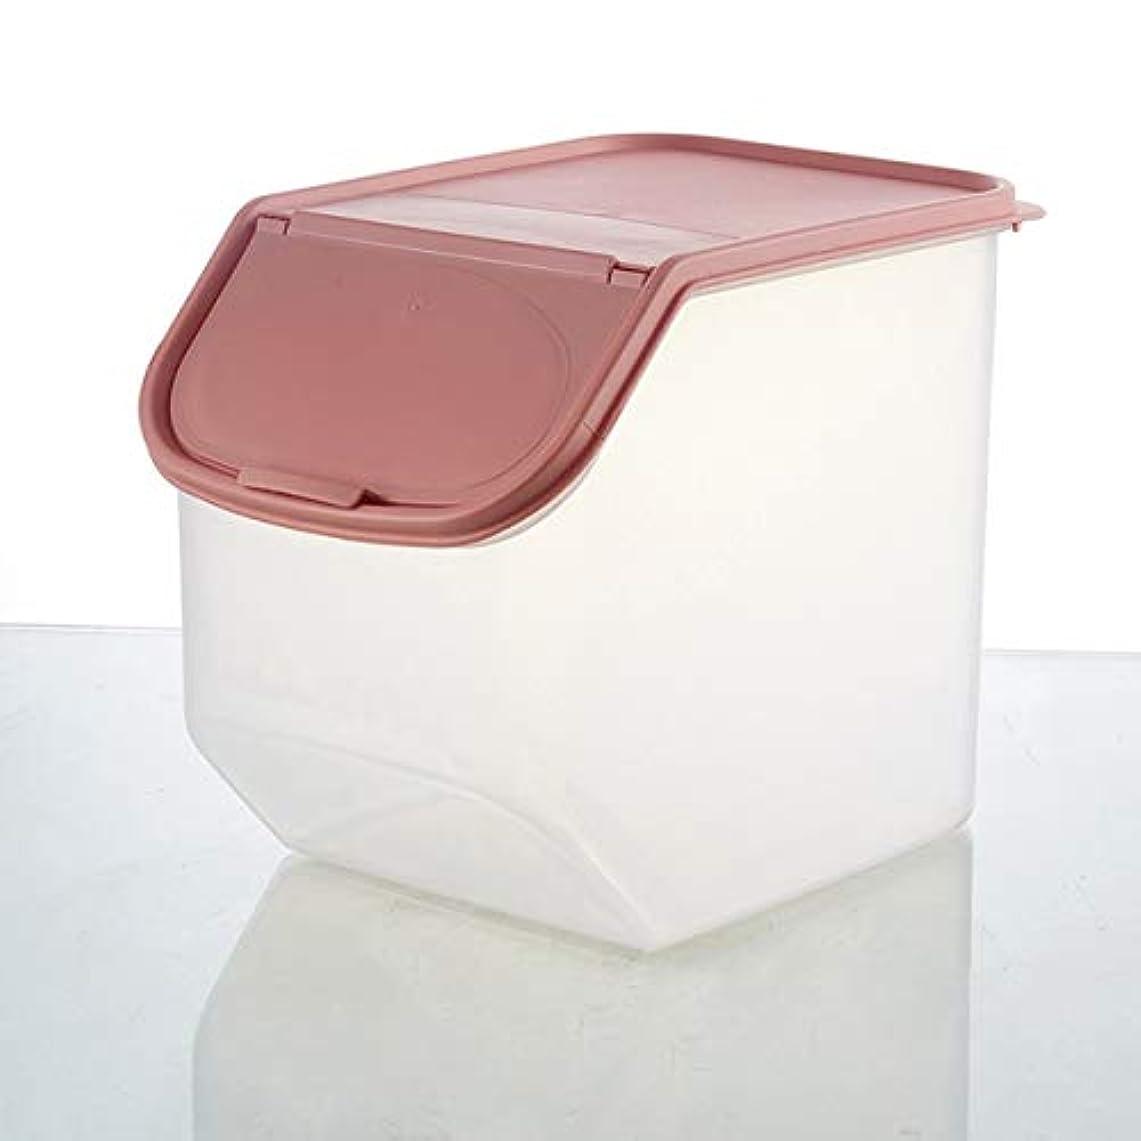 広告トイレ理解するSaikogoods 家庭の使用キッチンストレージオーガナイザーは ボックスライスビン豆穀物コンテナ主催封印された食品保存を干し ピンク L